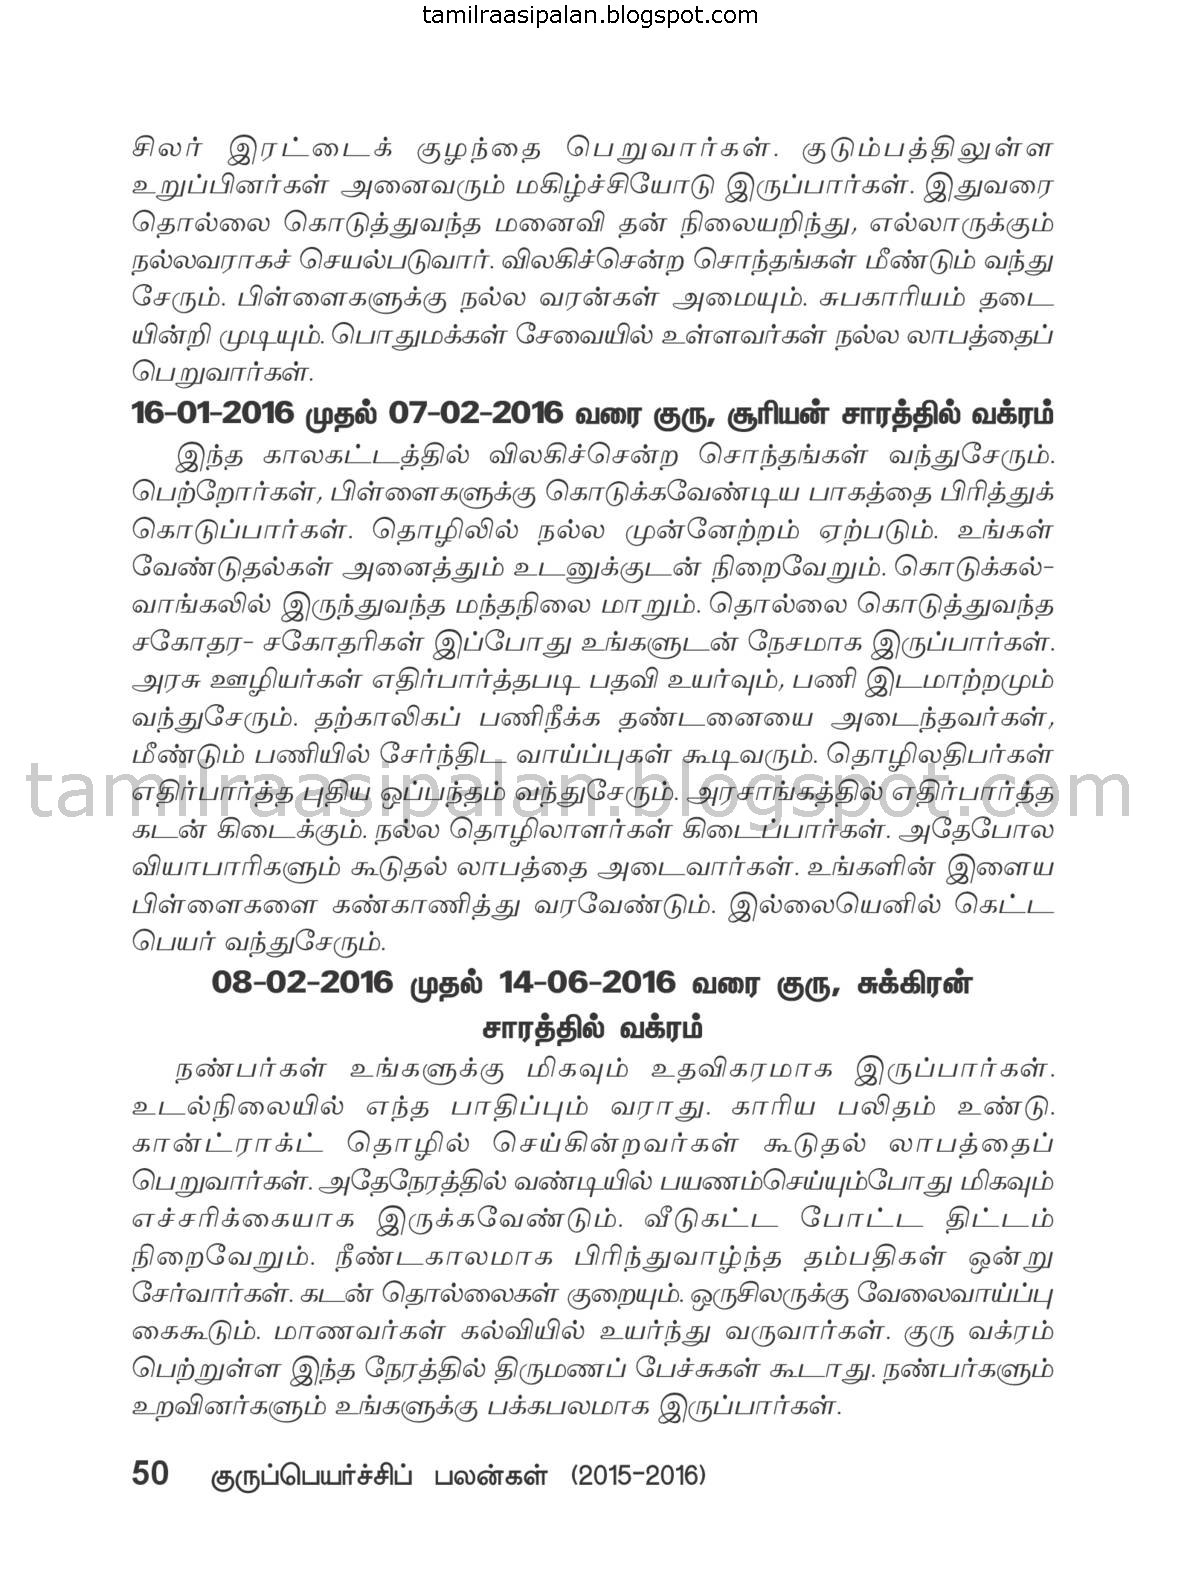 Thulam Guru Peyarchi Palan-2015-2016 Free Online